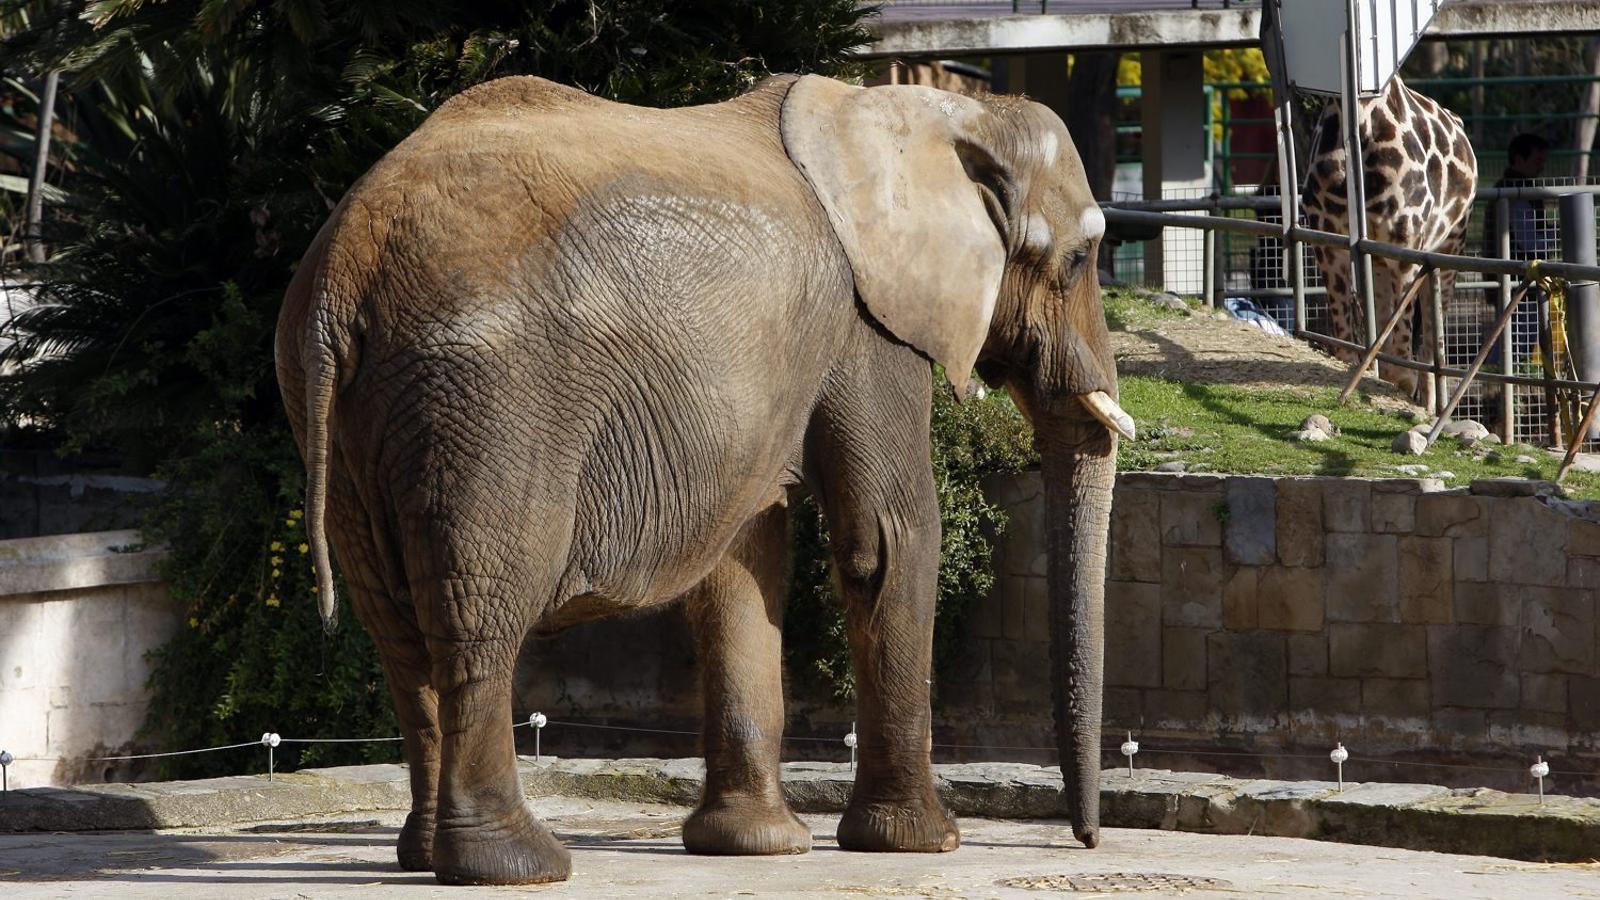 L'últim ple del mandat aprovarà el gran gir del Zoo de Barcelona